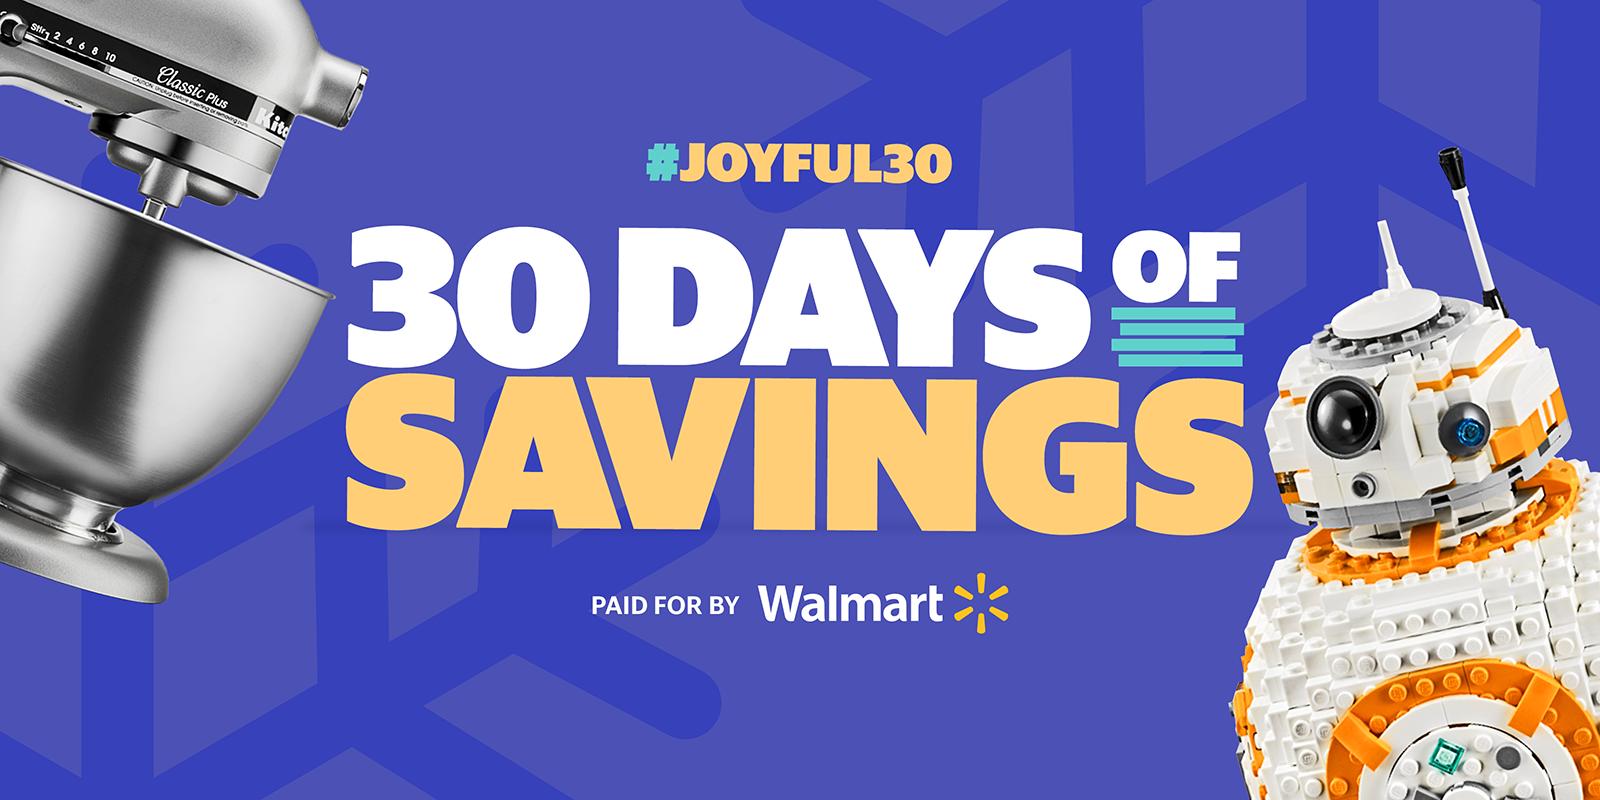 30 Days of Savings